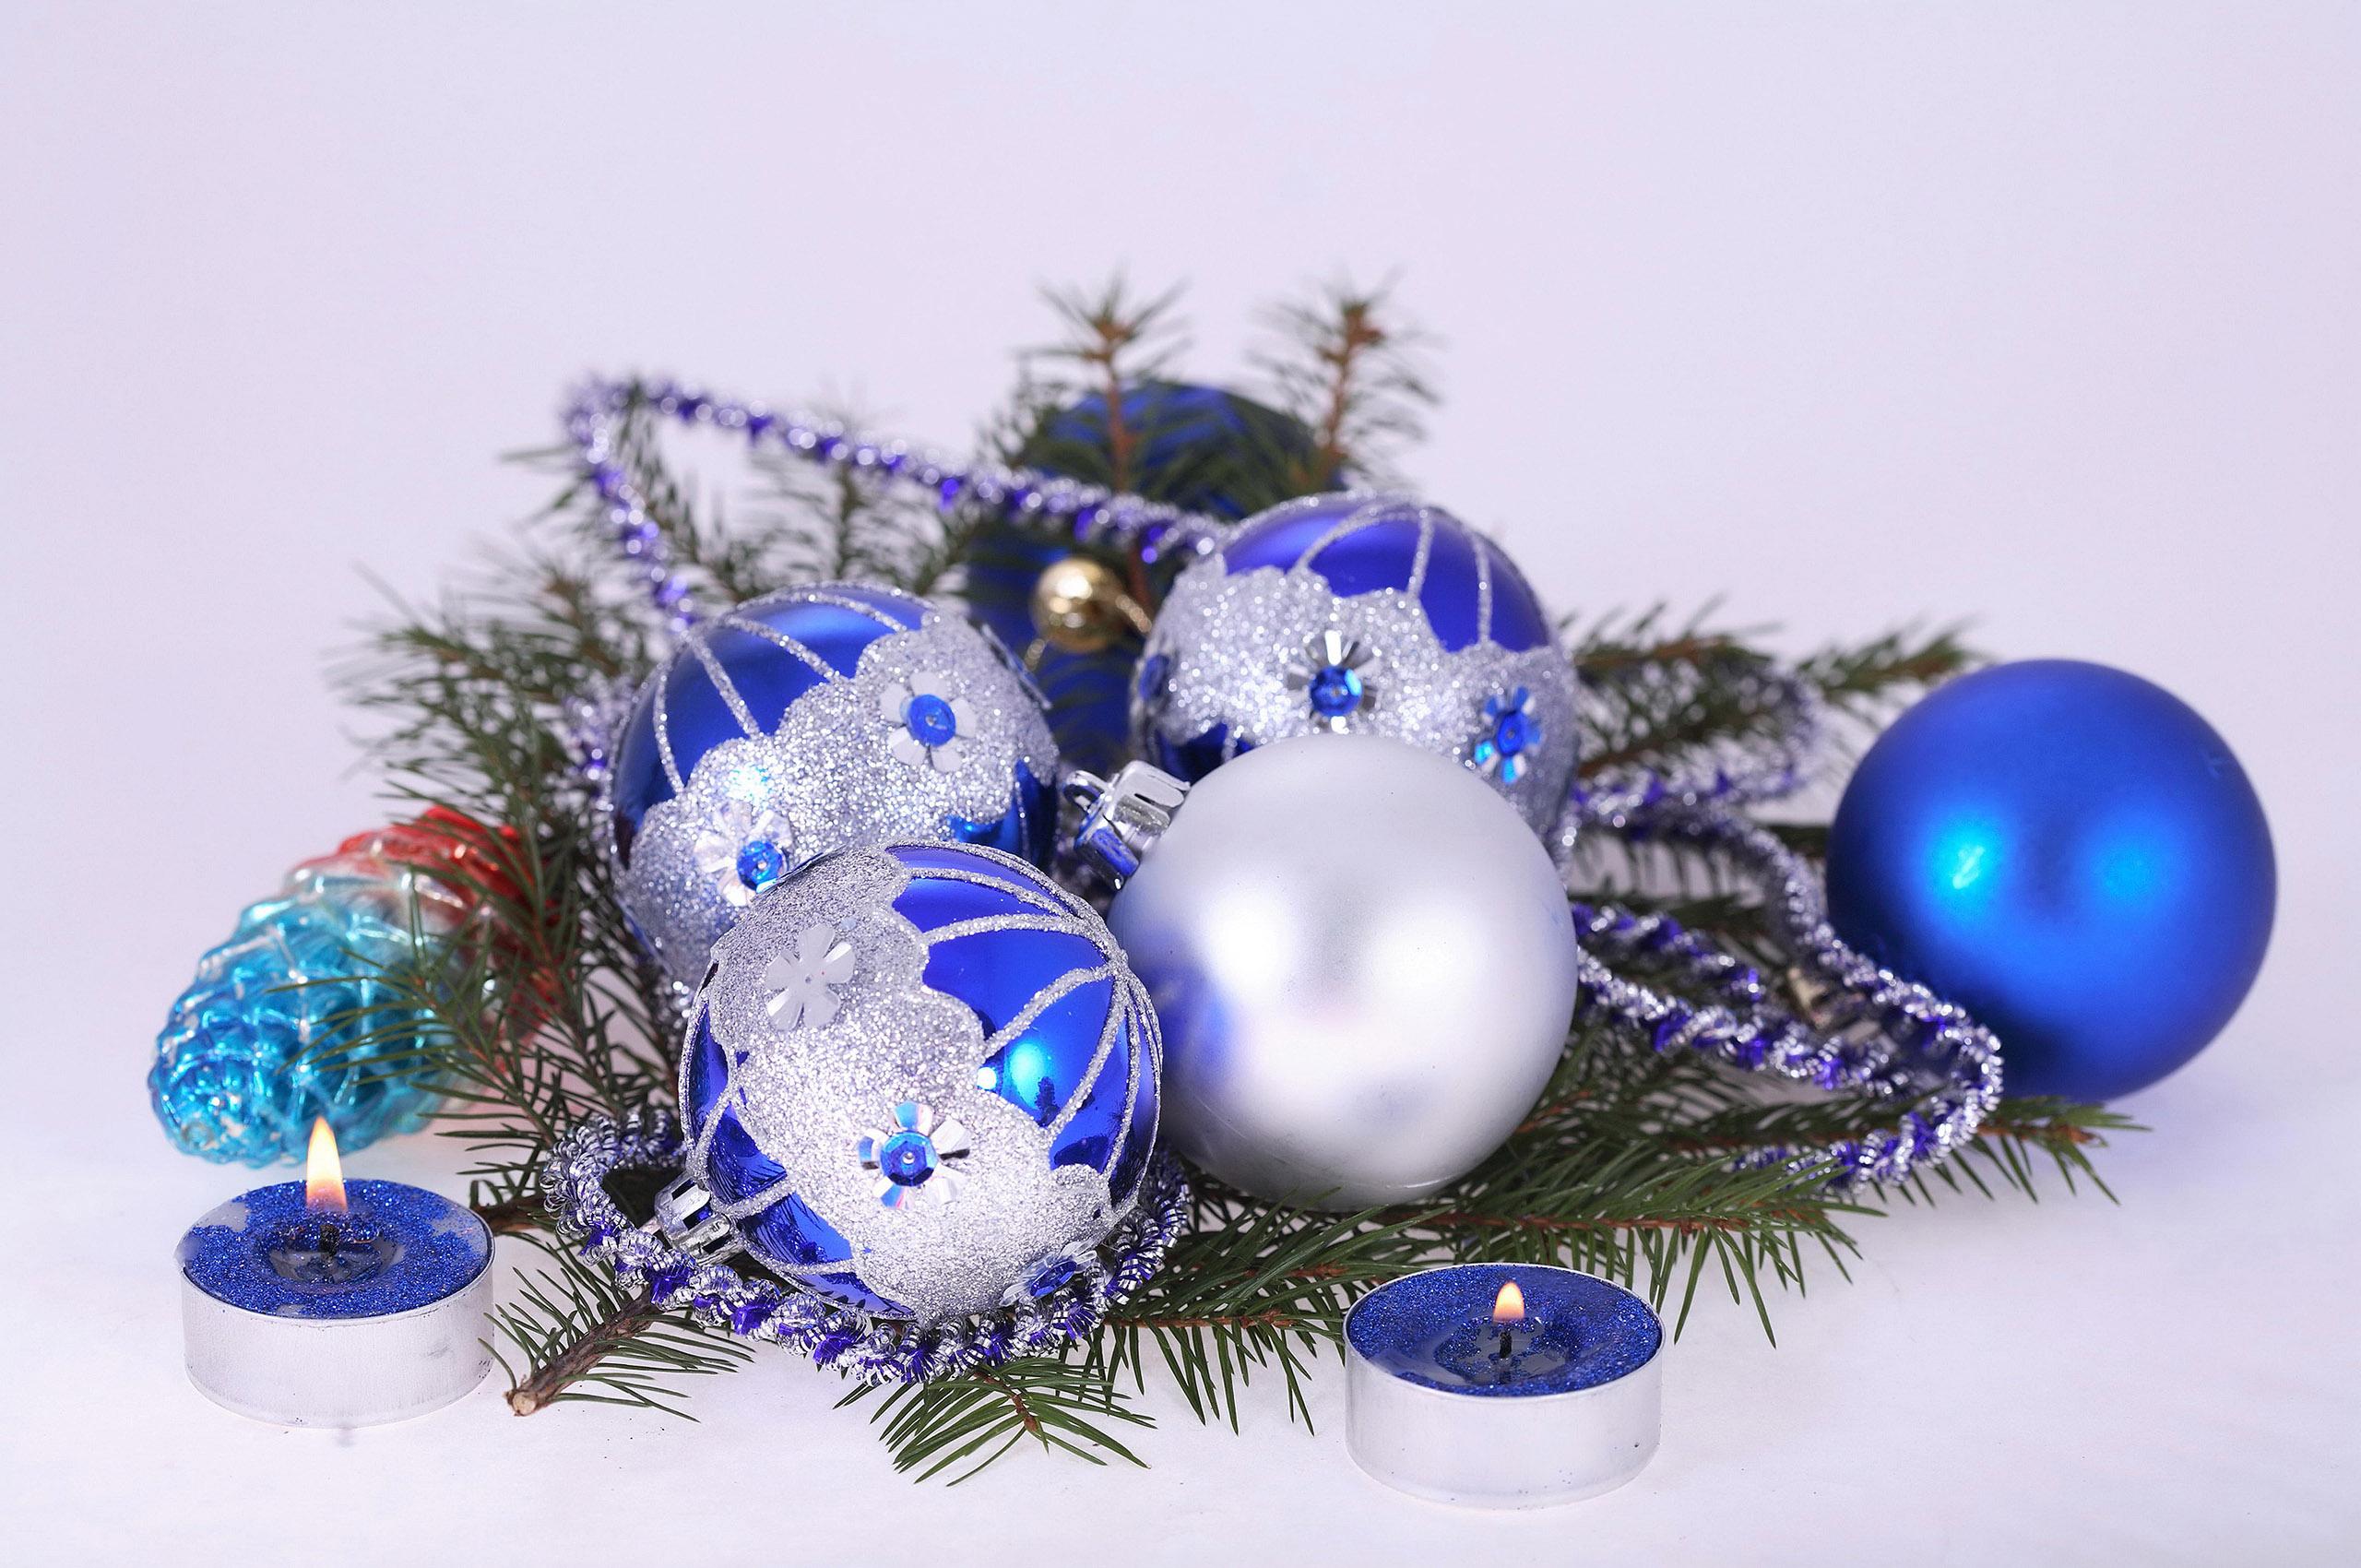 HDoboi.Kiev.ua - Красивые елочные шары синего цвета, new year wallpaper iphone